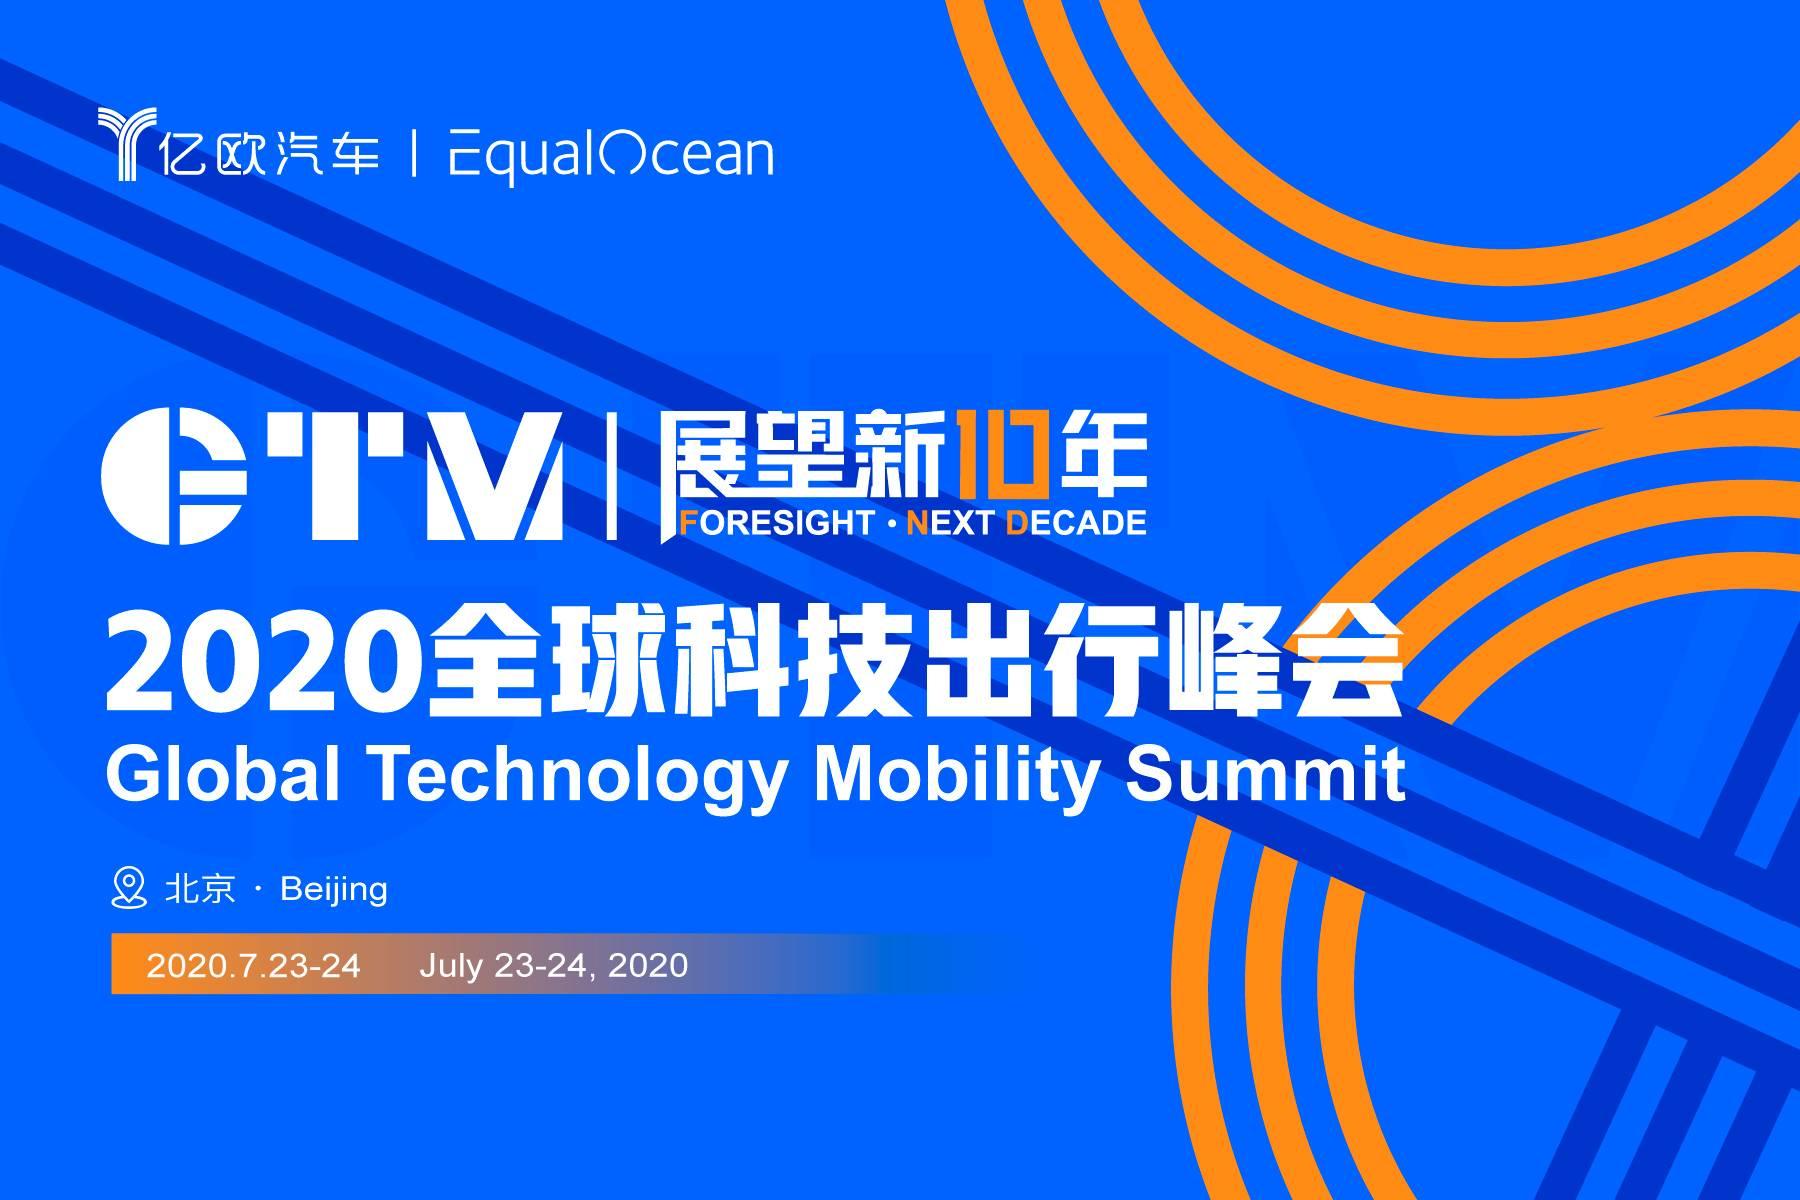 2020全球科技出行峰会